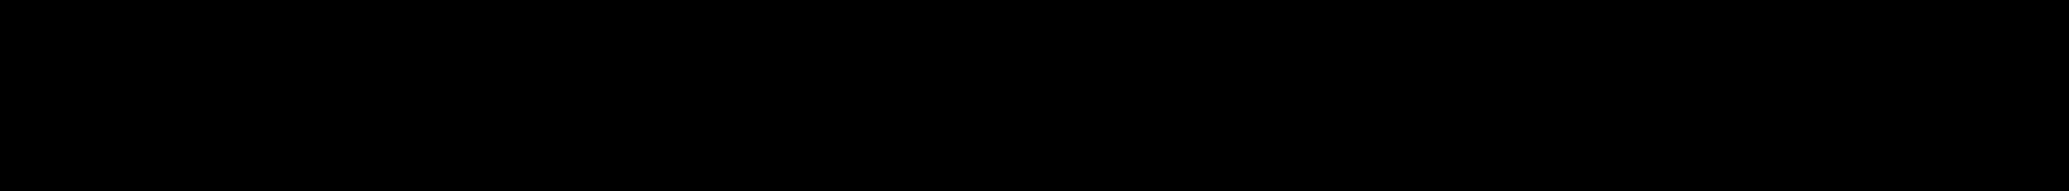 Design System C 700R